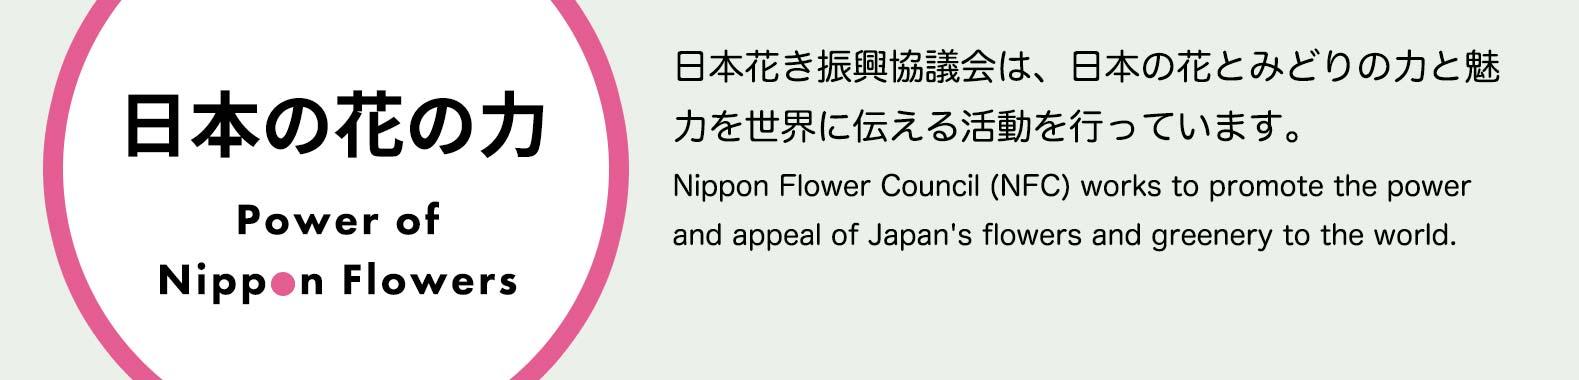 日本の花の力 Power of Nippon Flowers 日本花き振興協議会は、日本の花とみどりの力と魅力を世界に伝える活動を行っています。Nippon Flower Council (NFC) works to promote the power and appeal of Japan's flowers and greenery to the world.